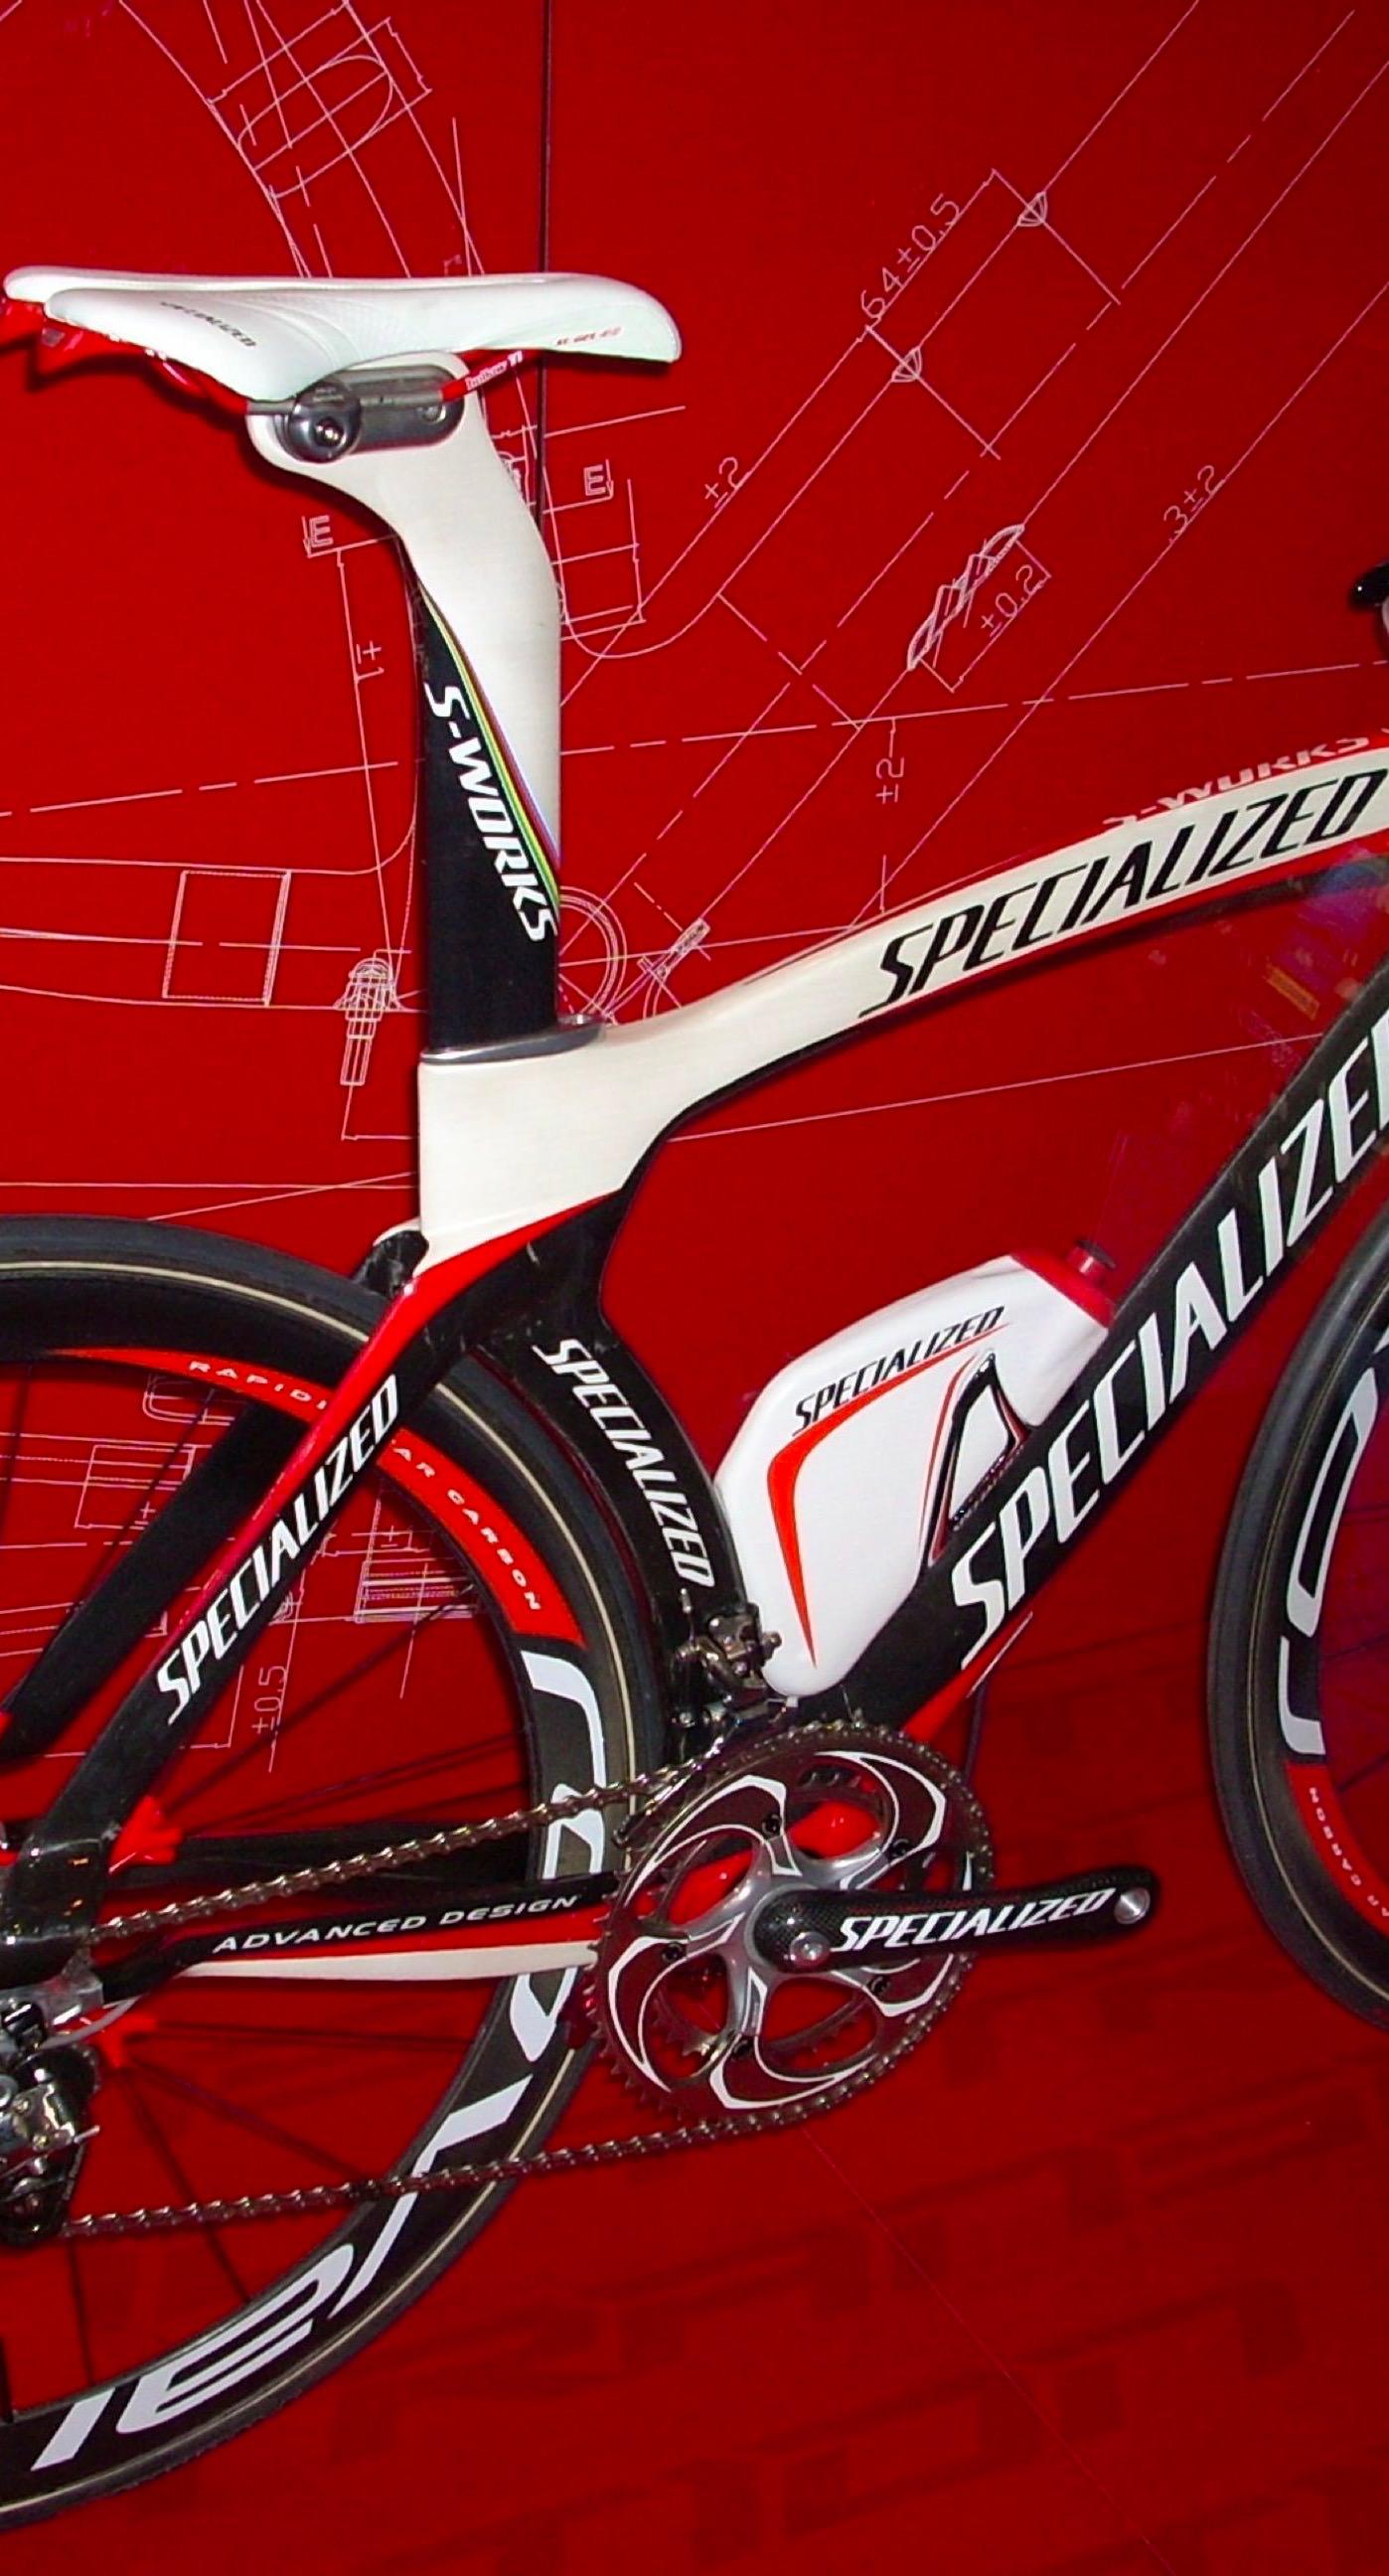 自転車クールの iPhone6s Plus / iPhone6 Plus 壁紙